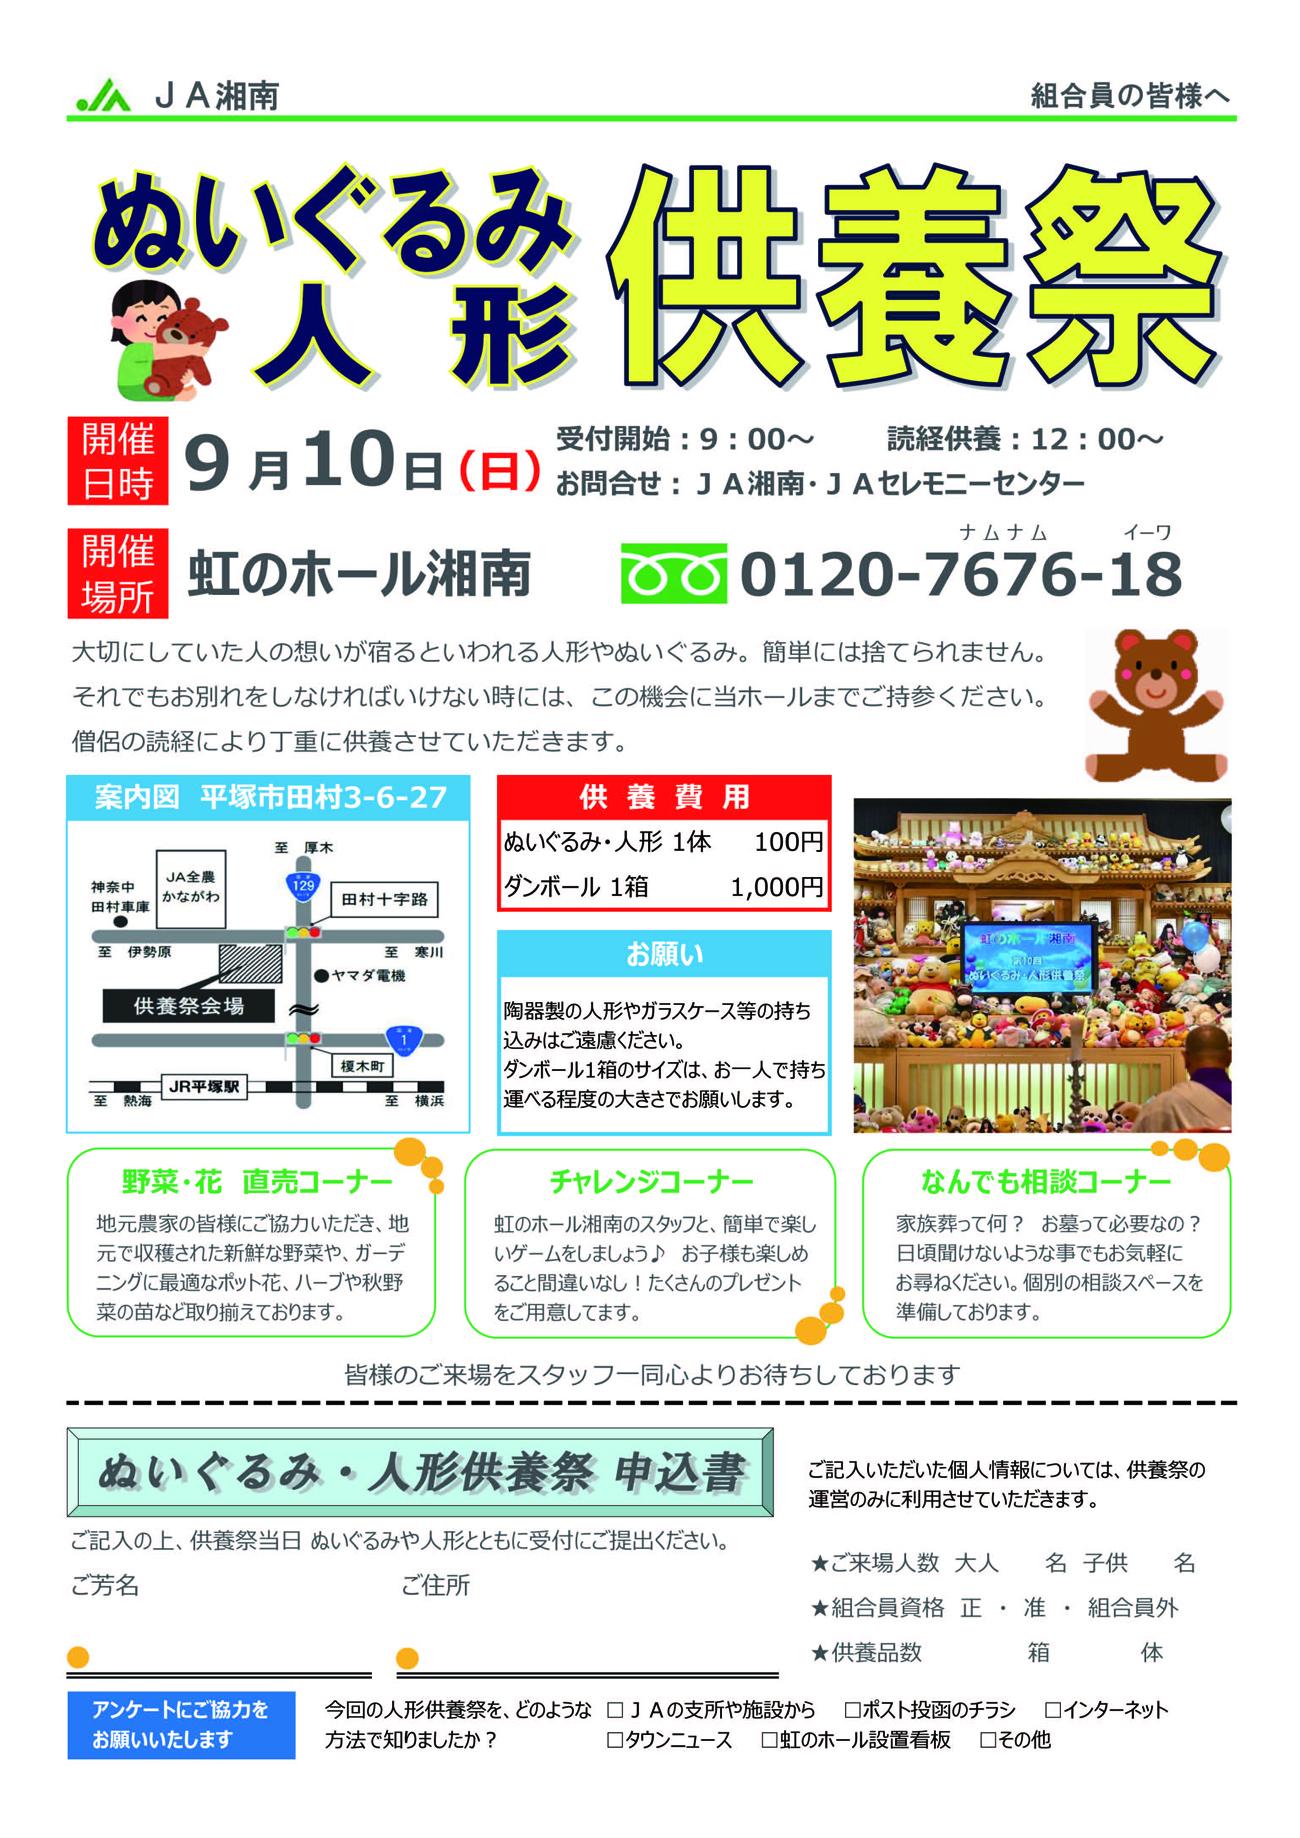 【H29.9.10(日)】虹のホール湘南  ぬいぐるみ人形供養祭